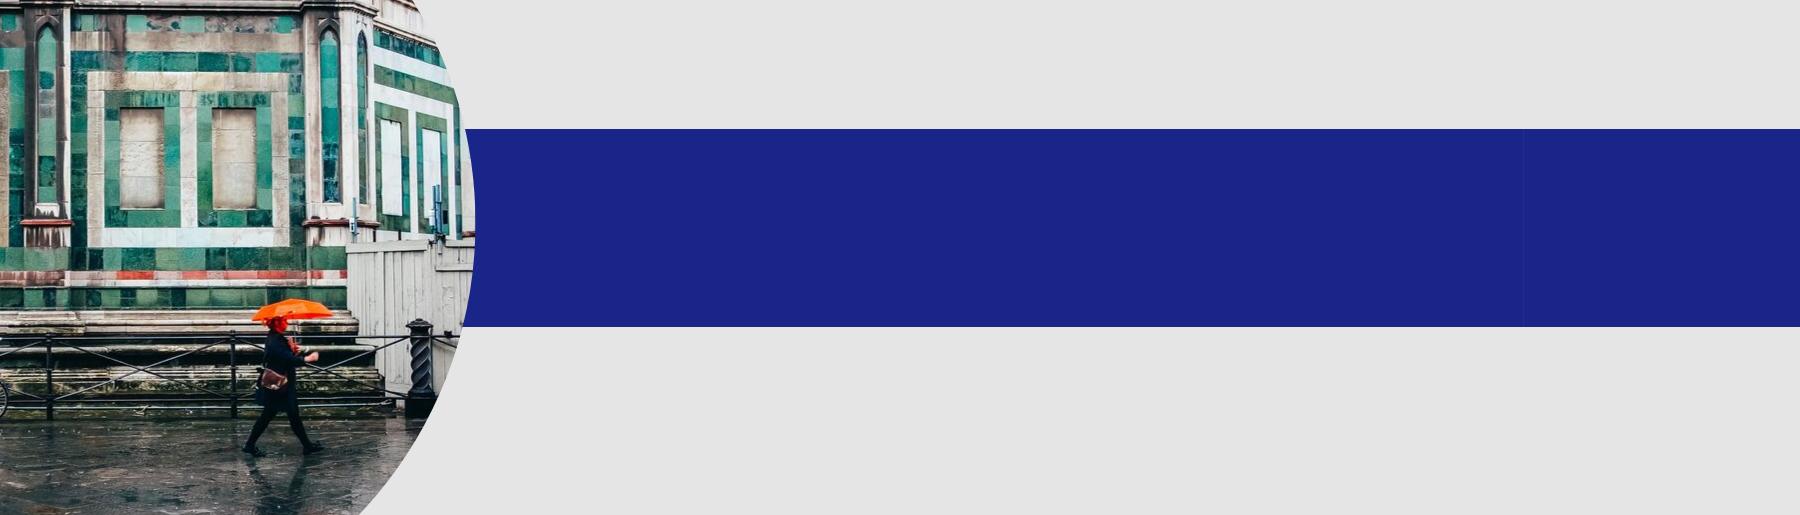 Orange and Blue Header Option